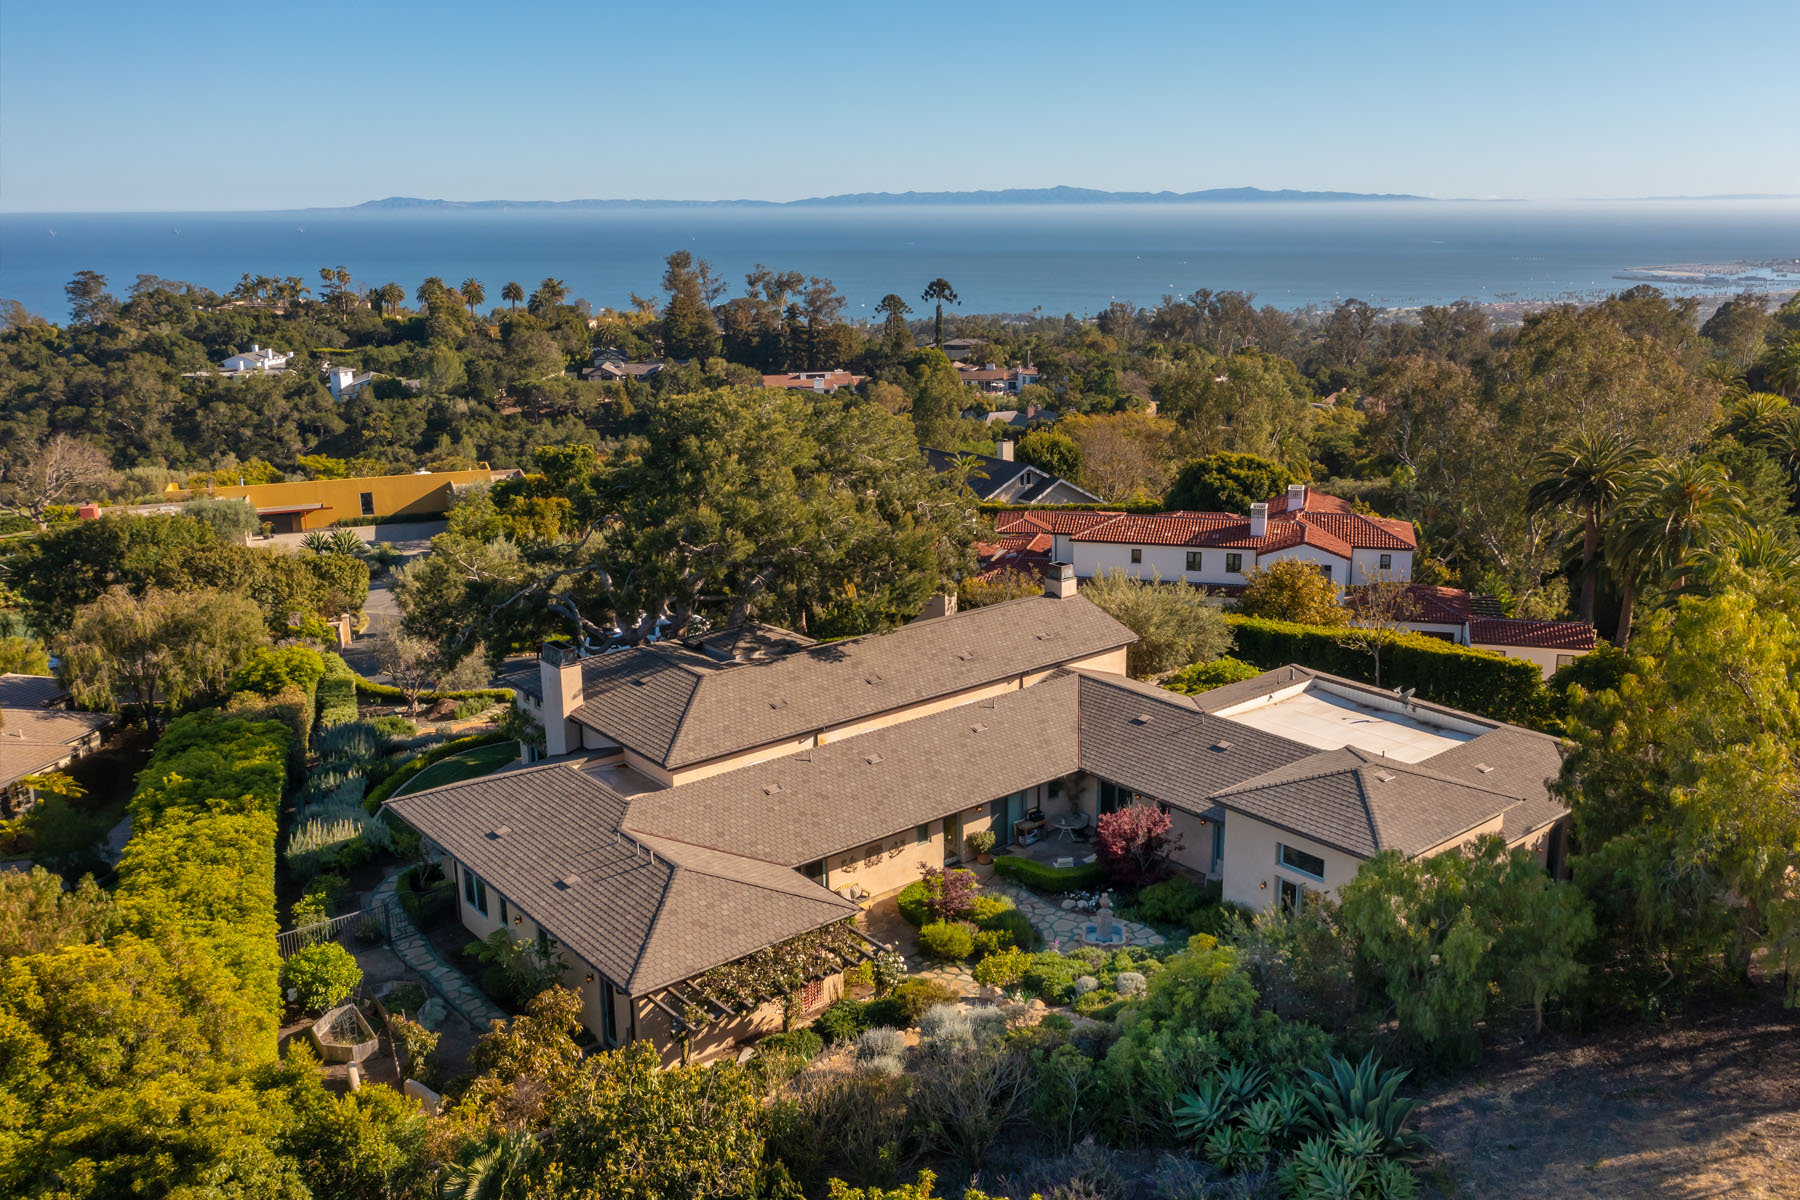 El Rancho aerial